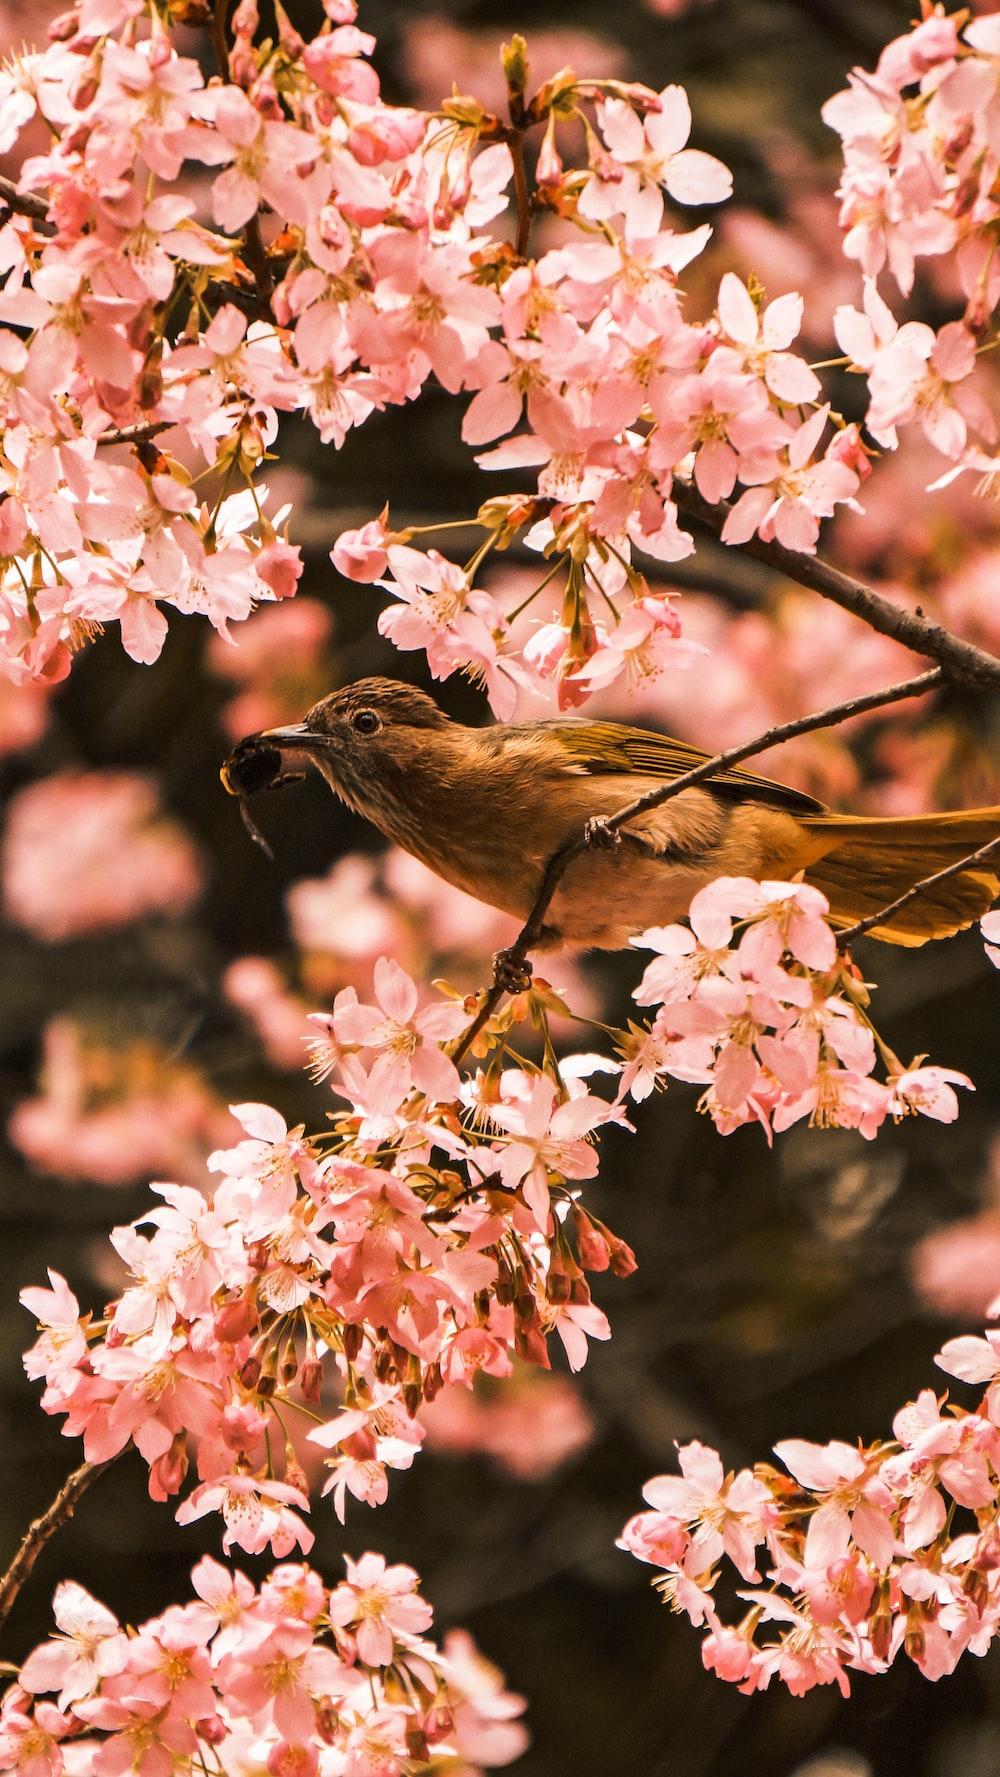 bird perching on tree during daytime